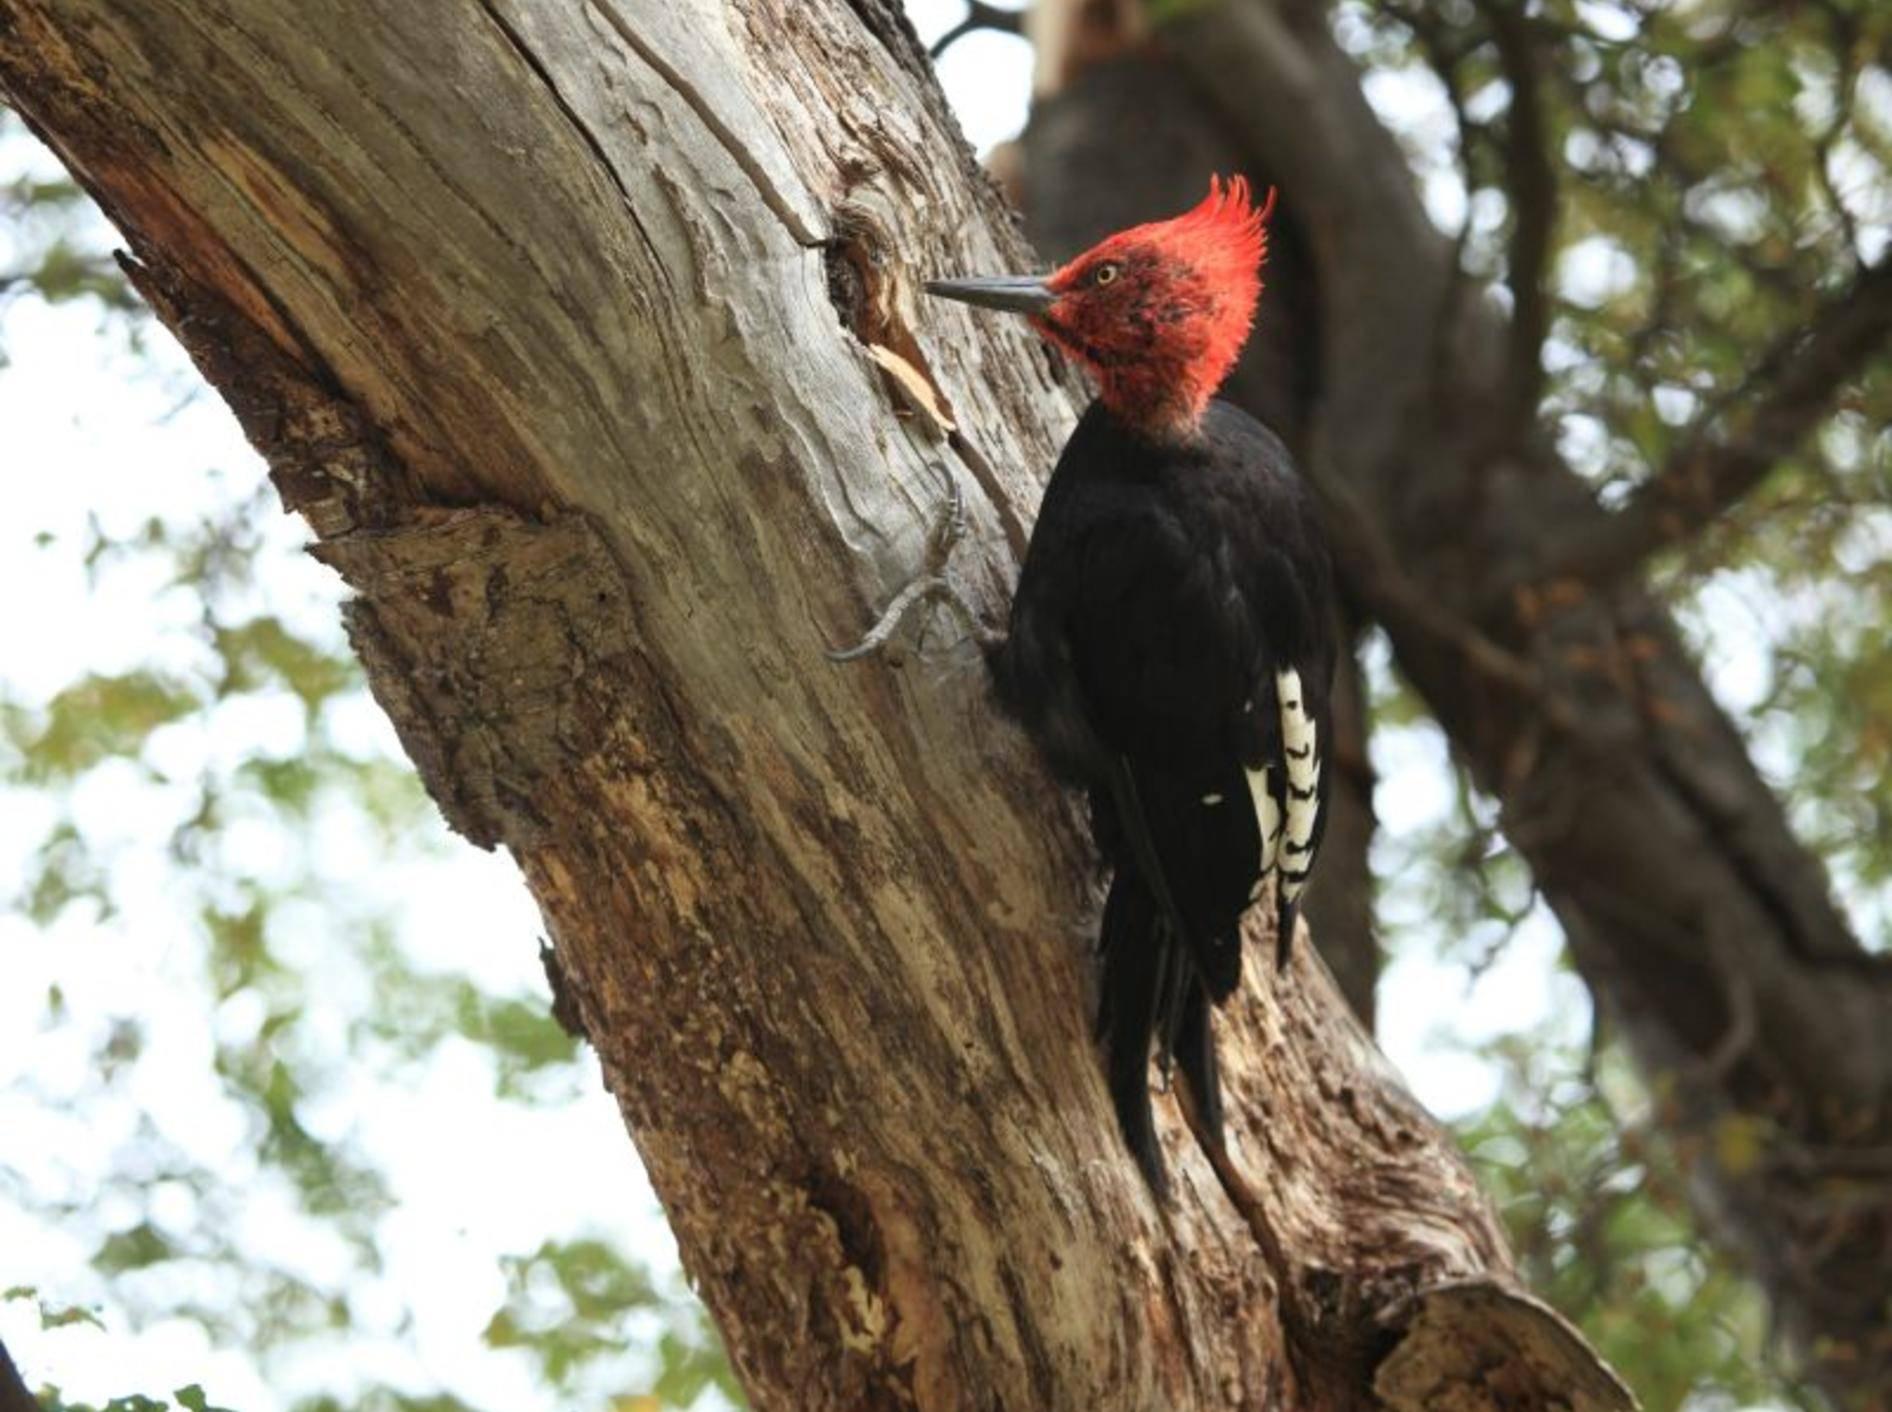 Wenn der Specht mit dem Schnabel gegen Holz klopft, hört man ihn schon von Weitem – Bild: Shutterstock / hecke61